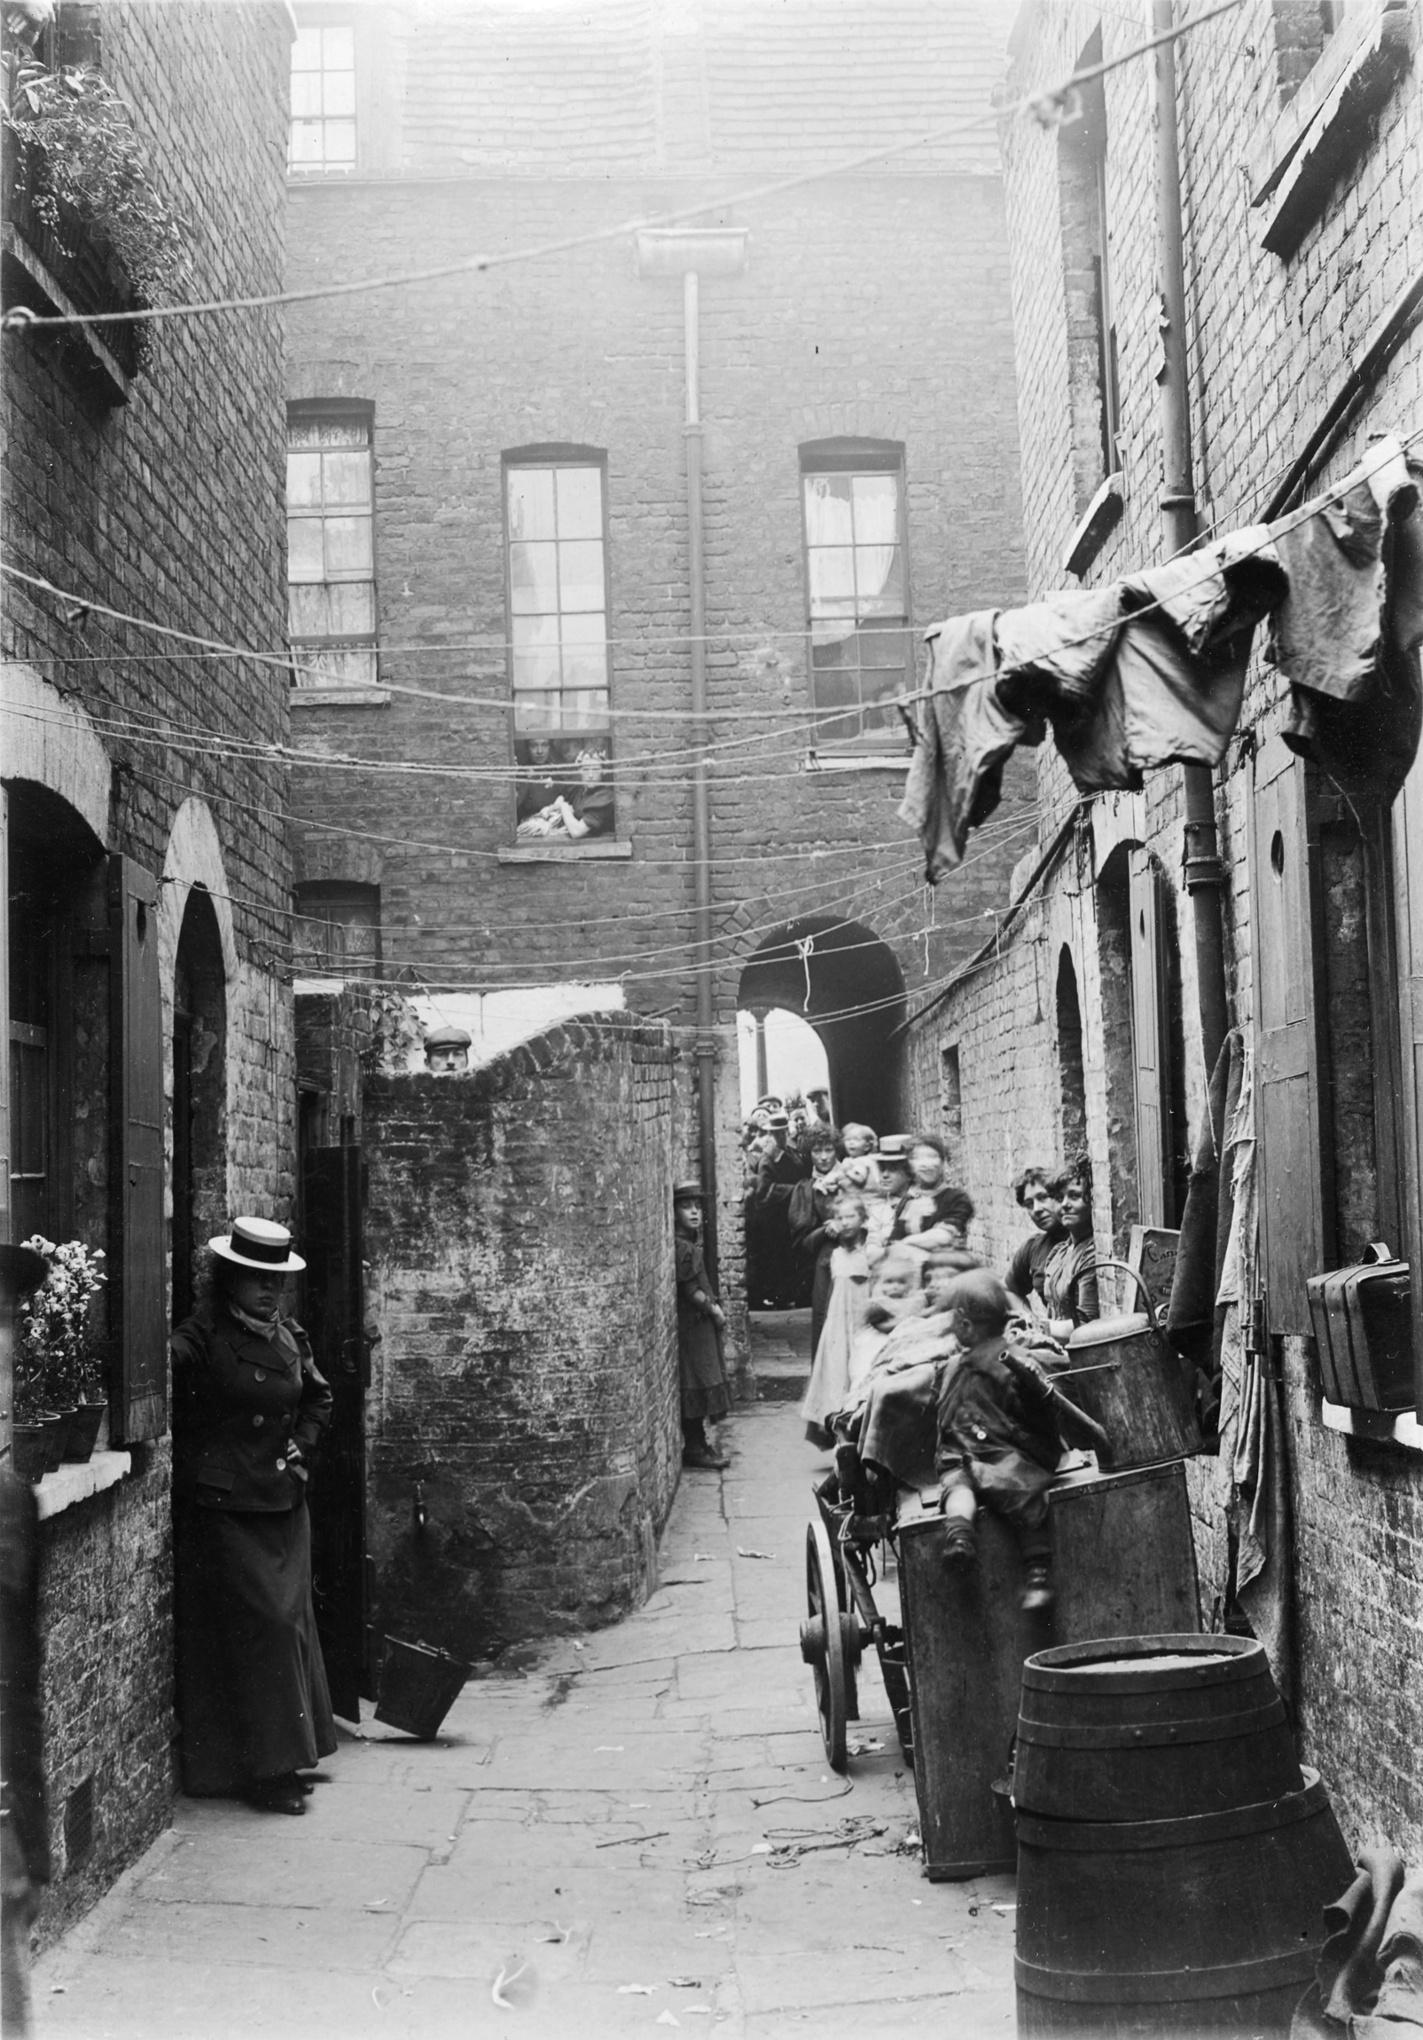 Spitalfields London: Spitalfields Nippers: London's Poorest Children In The